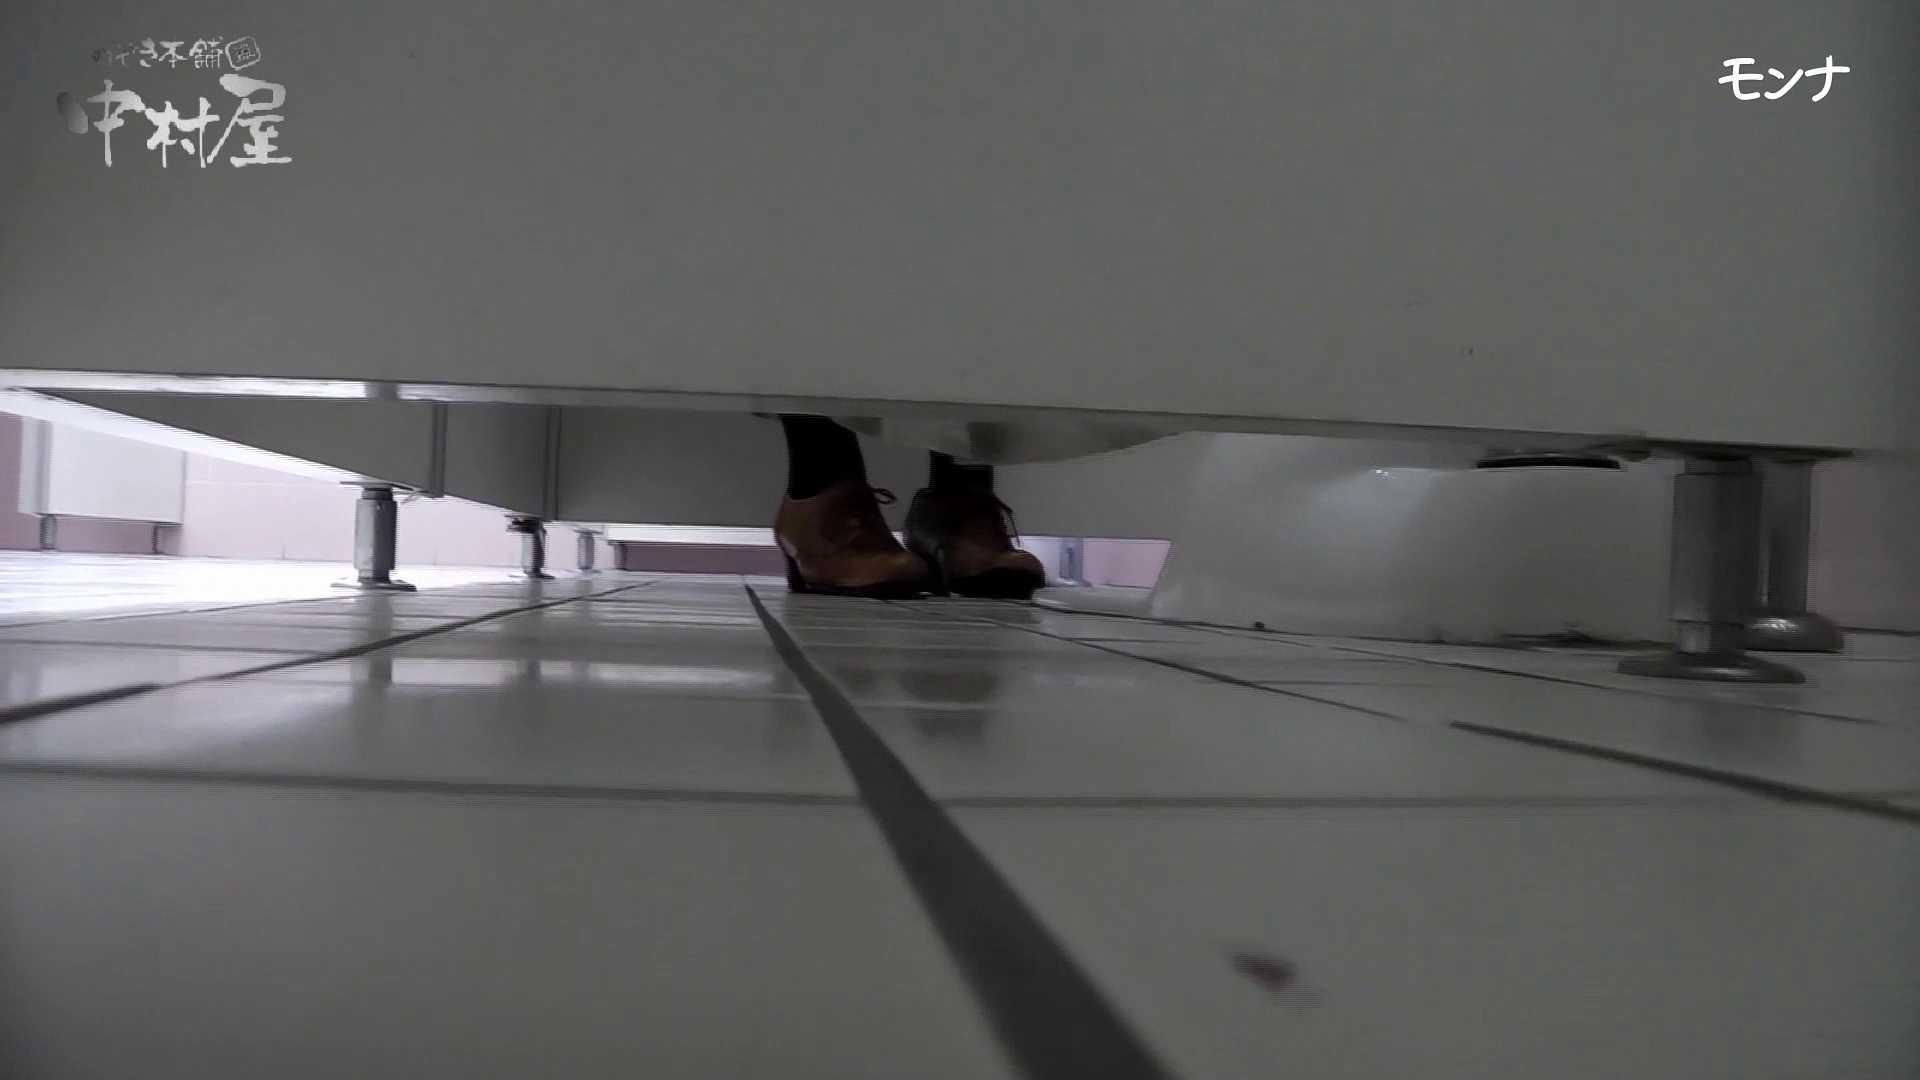 無修正エロ動画|美しい日本の未来 No.47 冬Ver.進化 細い指でほじくりまくる!後編|のぞき本舗 中村屋